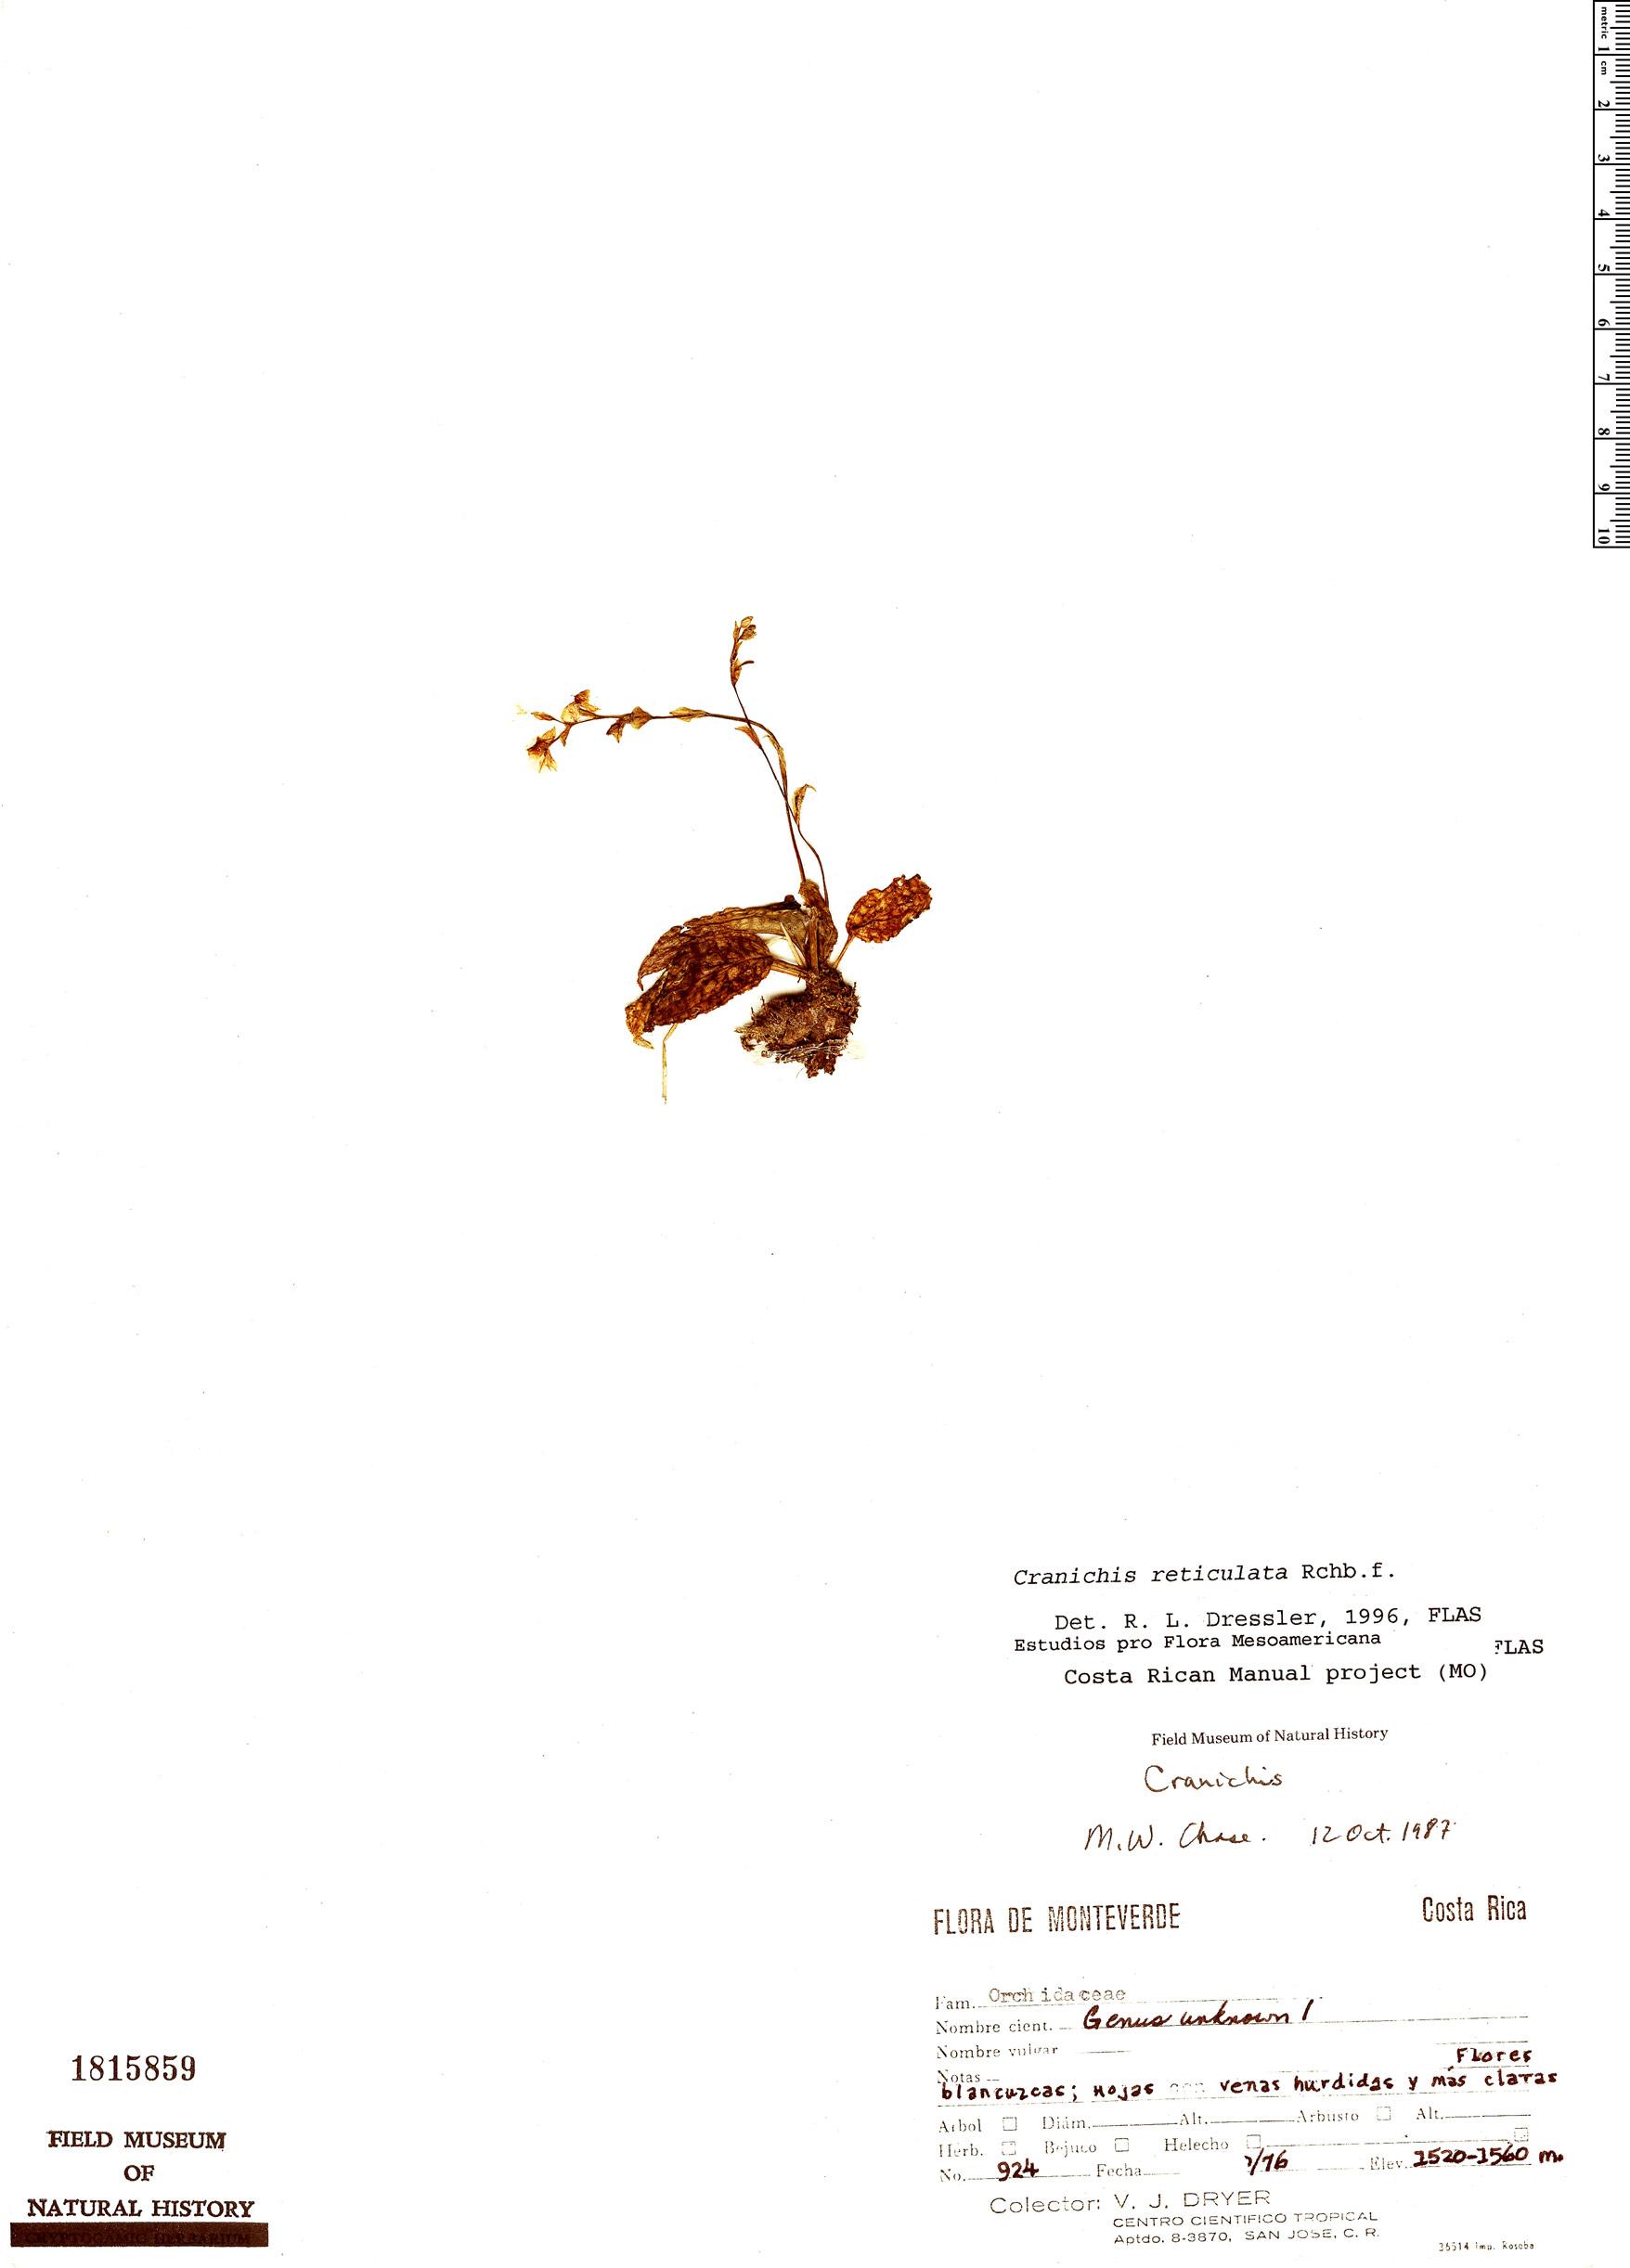 Specimen: Cranichis reticulata